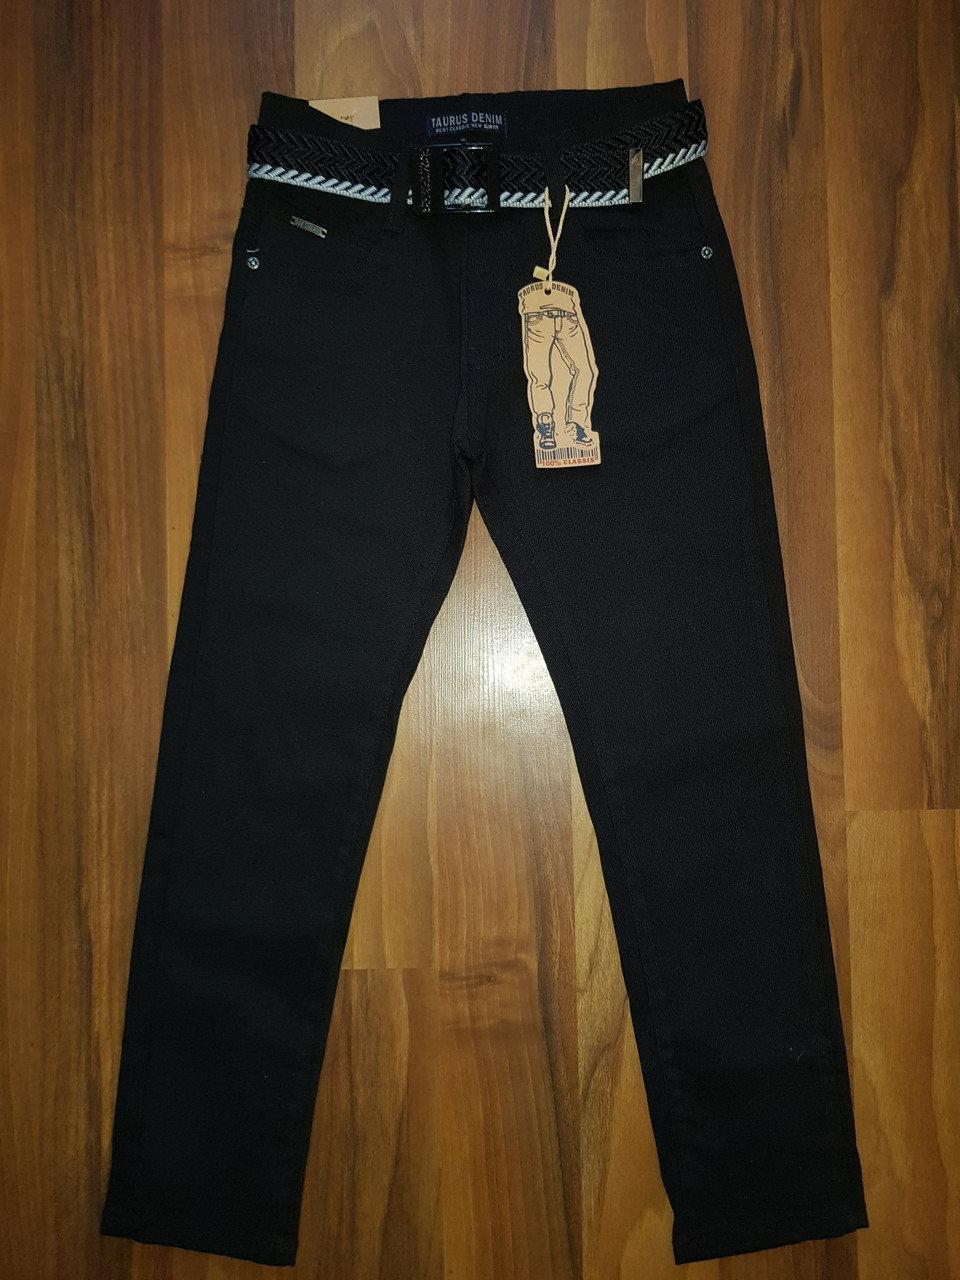 Котоновые брюки для мальчиков подростков,ШКОЛА.Размеры 134-140 см.Фирма TAURUS.Венгрия